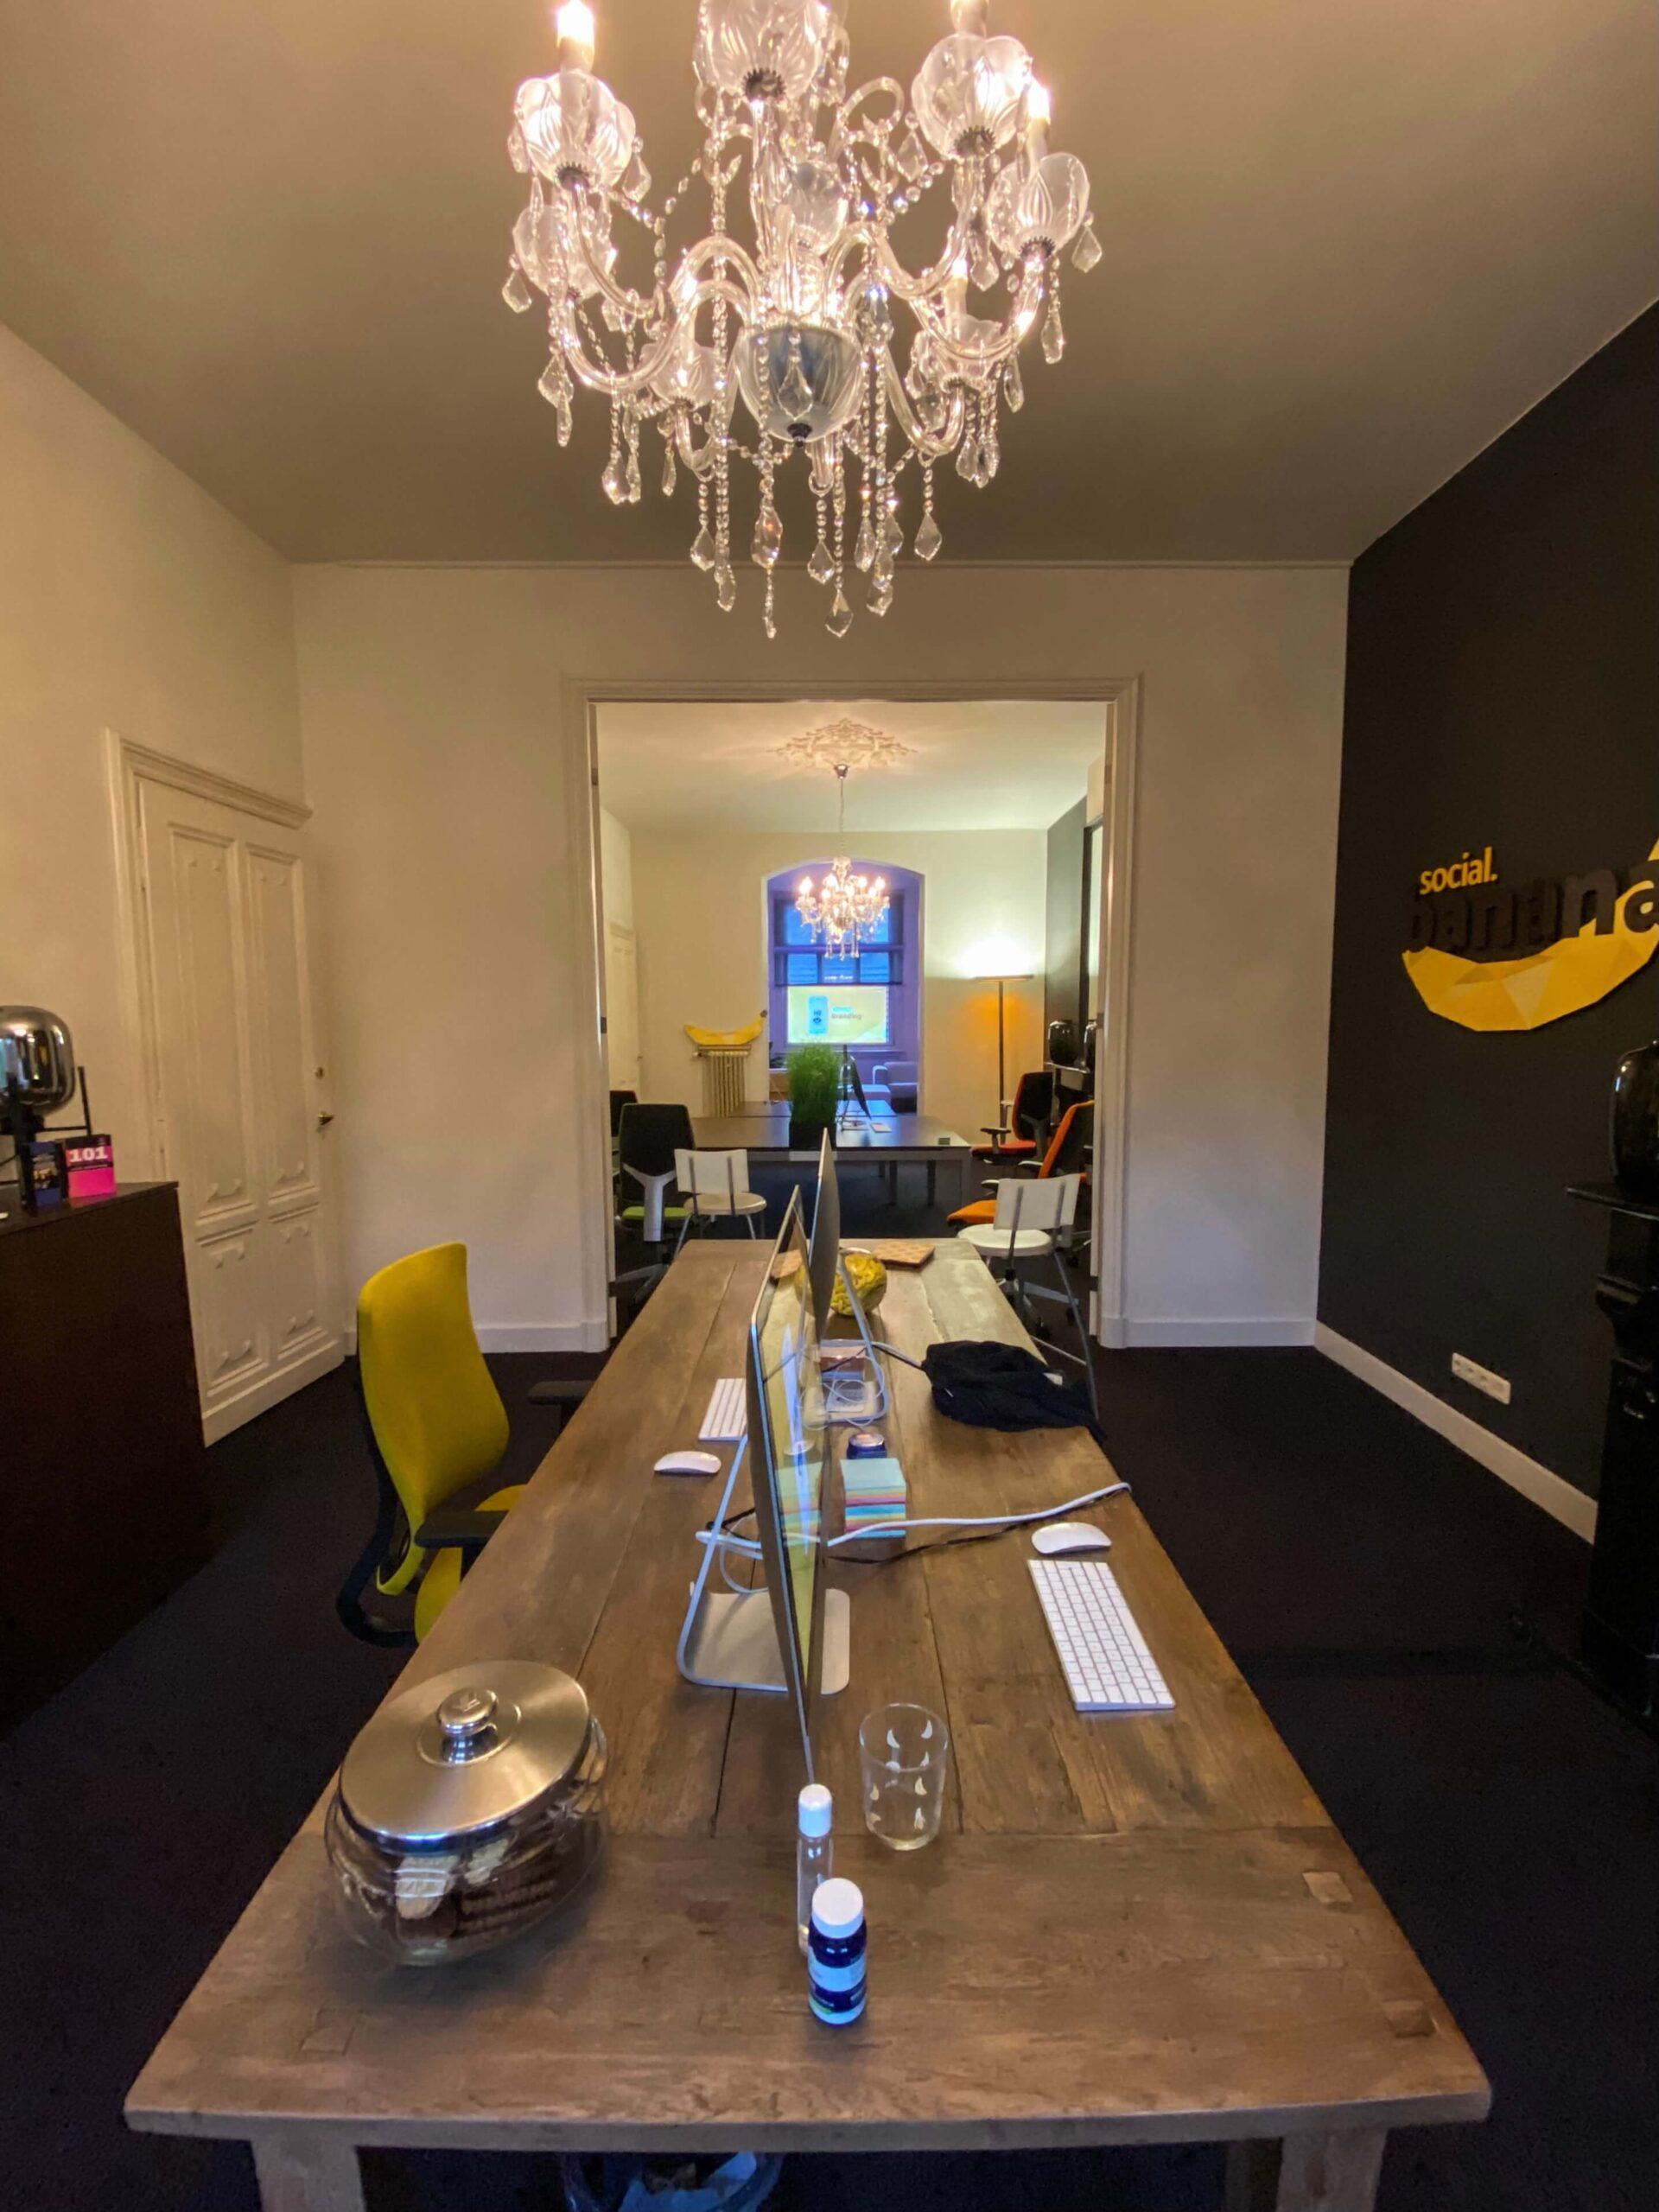 Social-Banana-kantoor-social-media-venlo